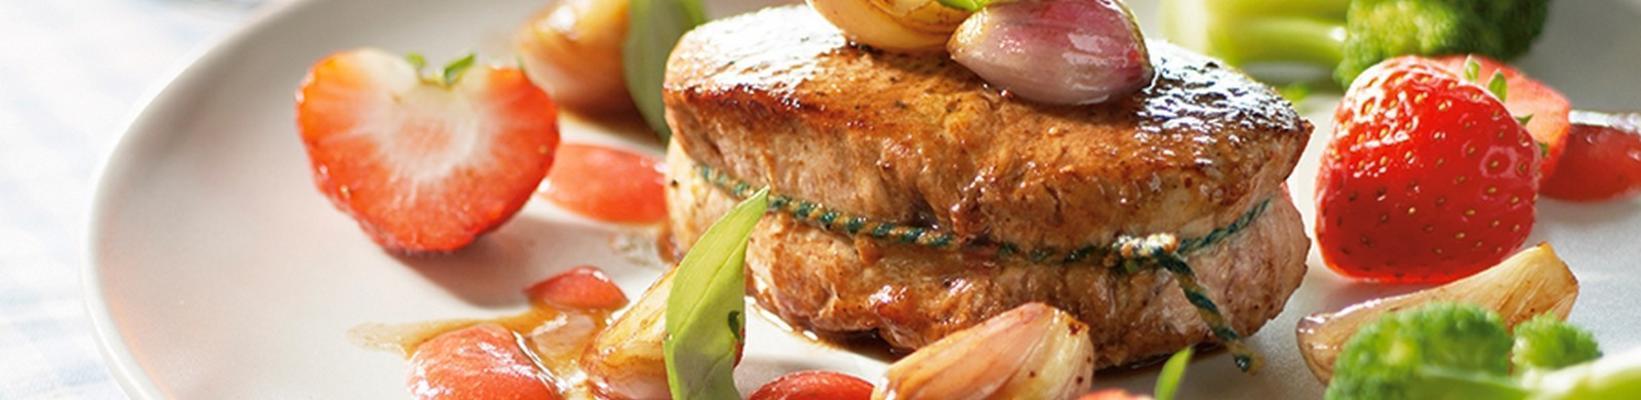 arpacık veya çilekli dana eti veya domuz eti yahnisi